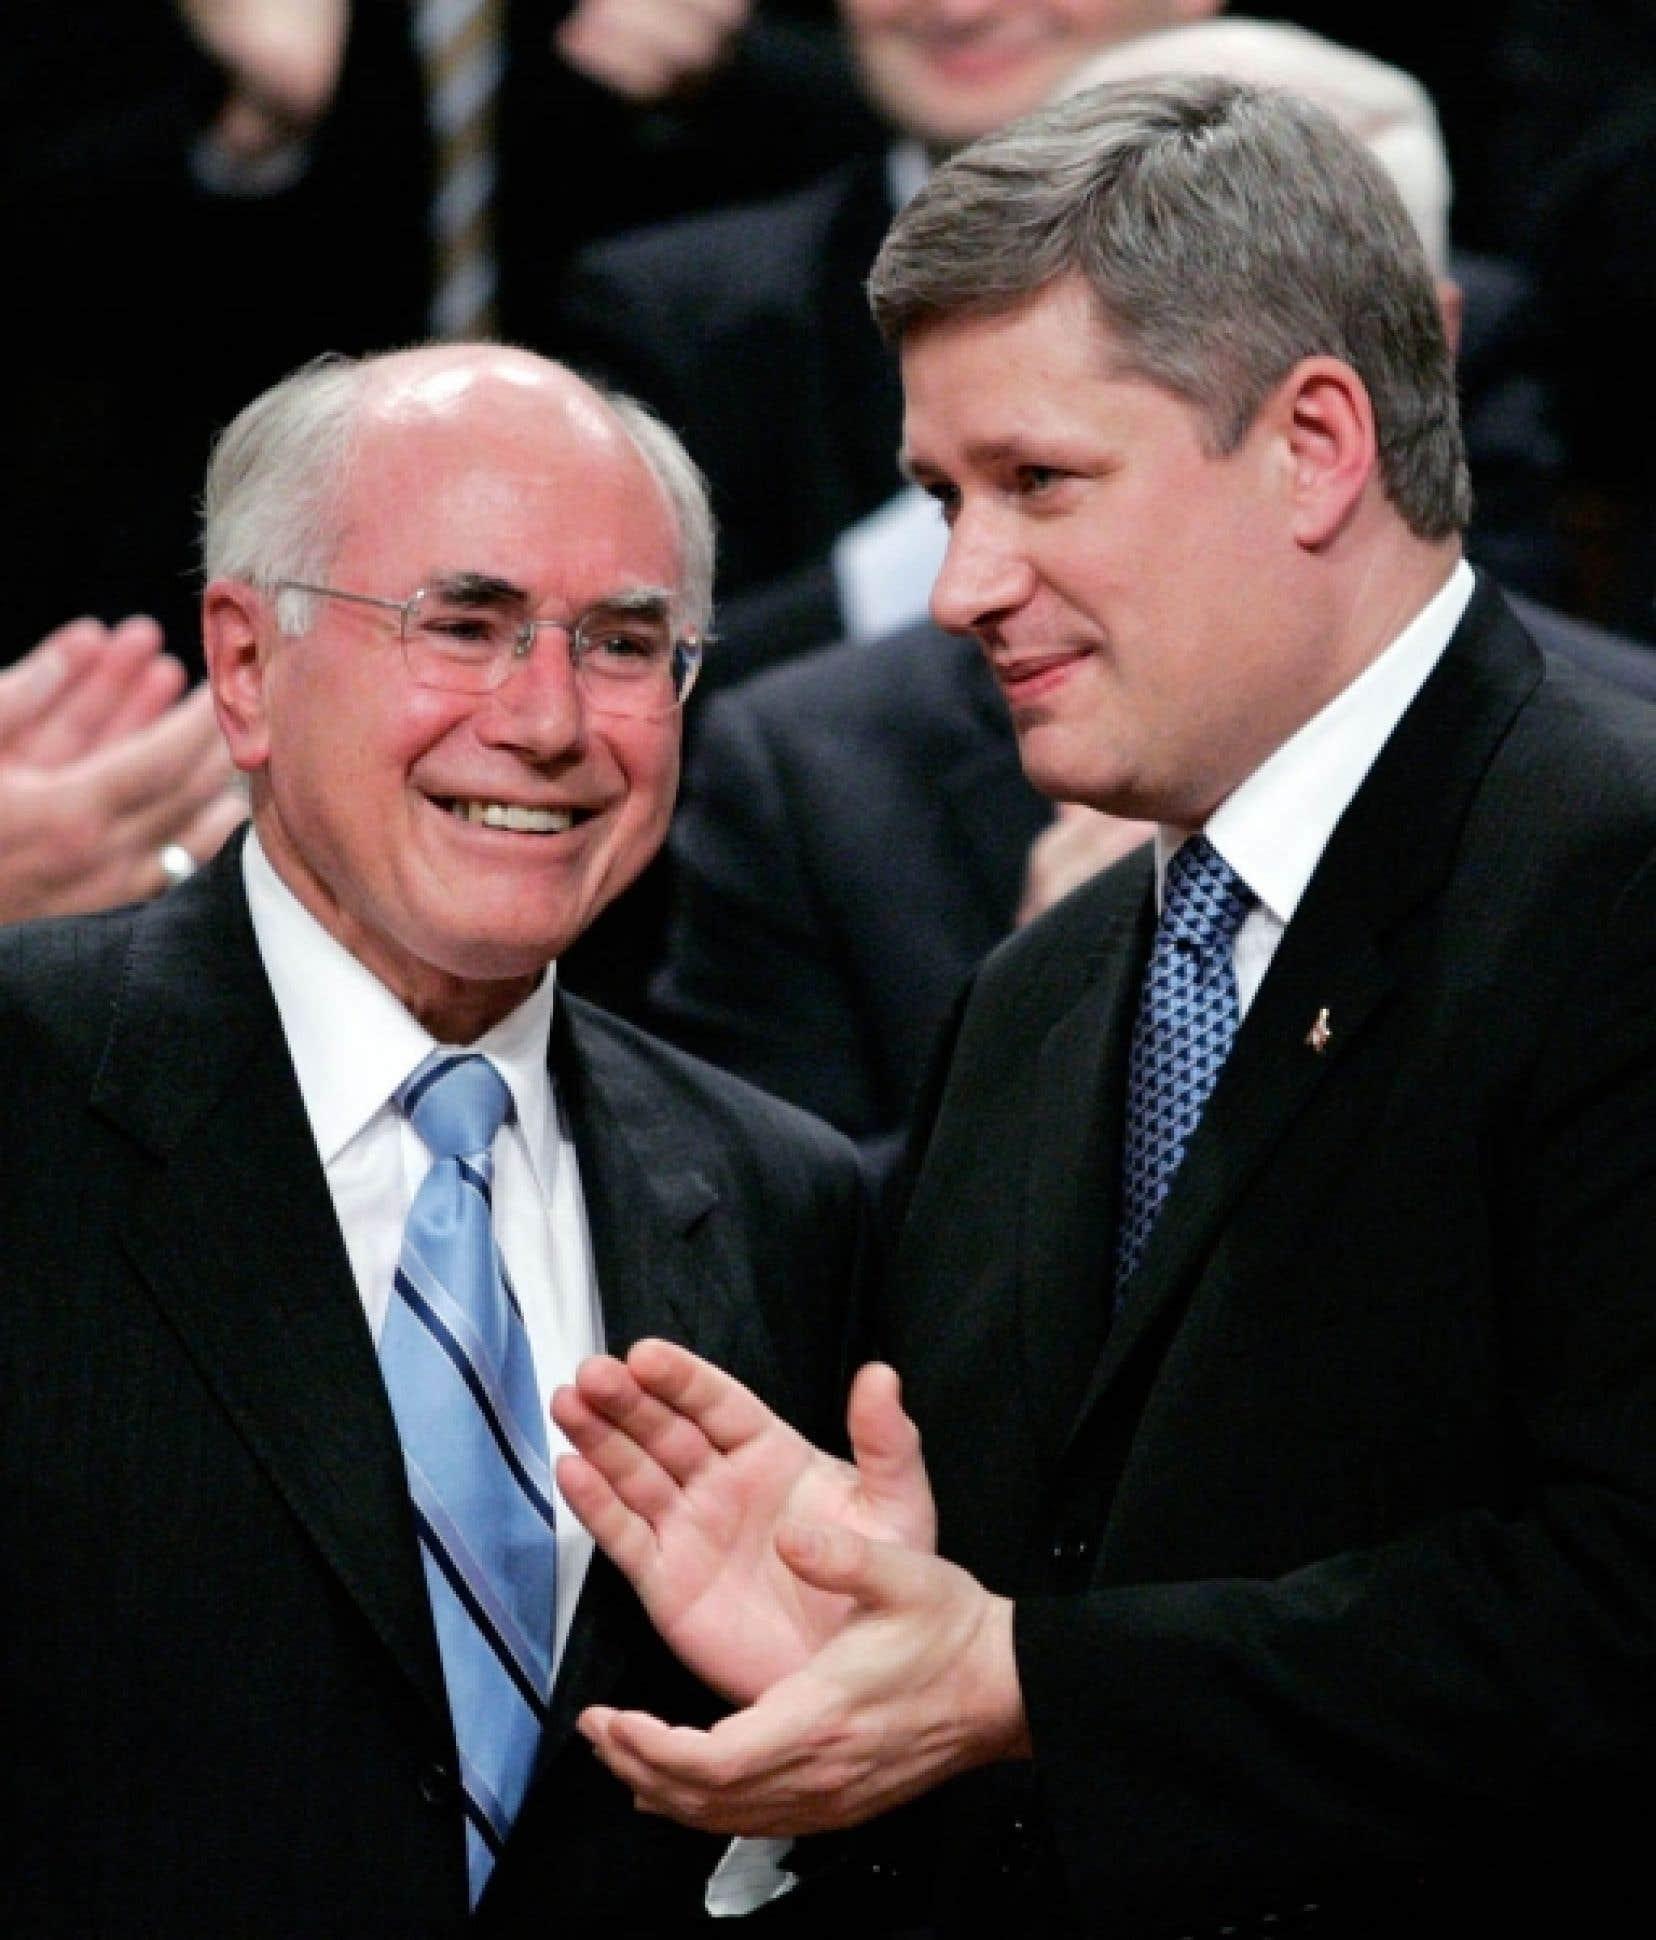 Le premier ministre australien John Howard en compagnie de Stephen Harper, en 2006, lors d'une visite officielle. En Australie, où le parlementarisme britannique est en vigueur comme au Canada, les coalitions sont fréquentes.<br />